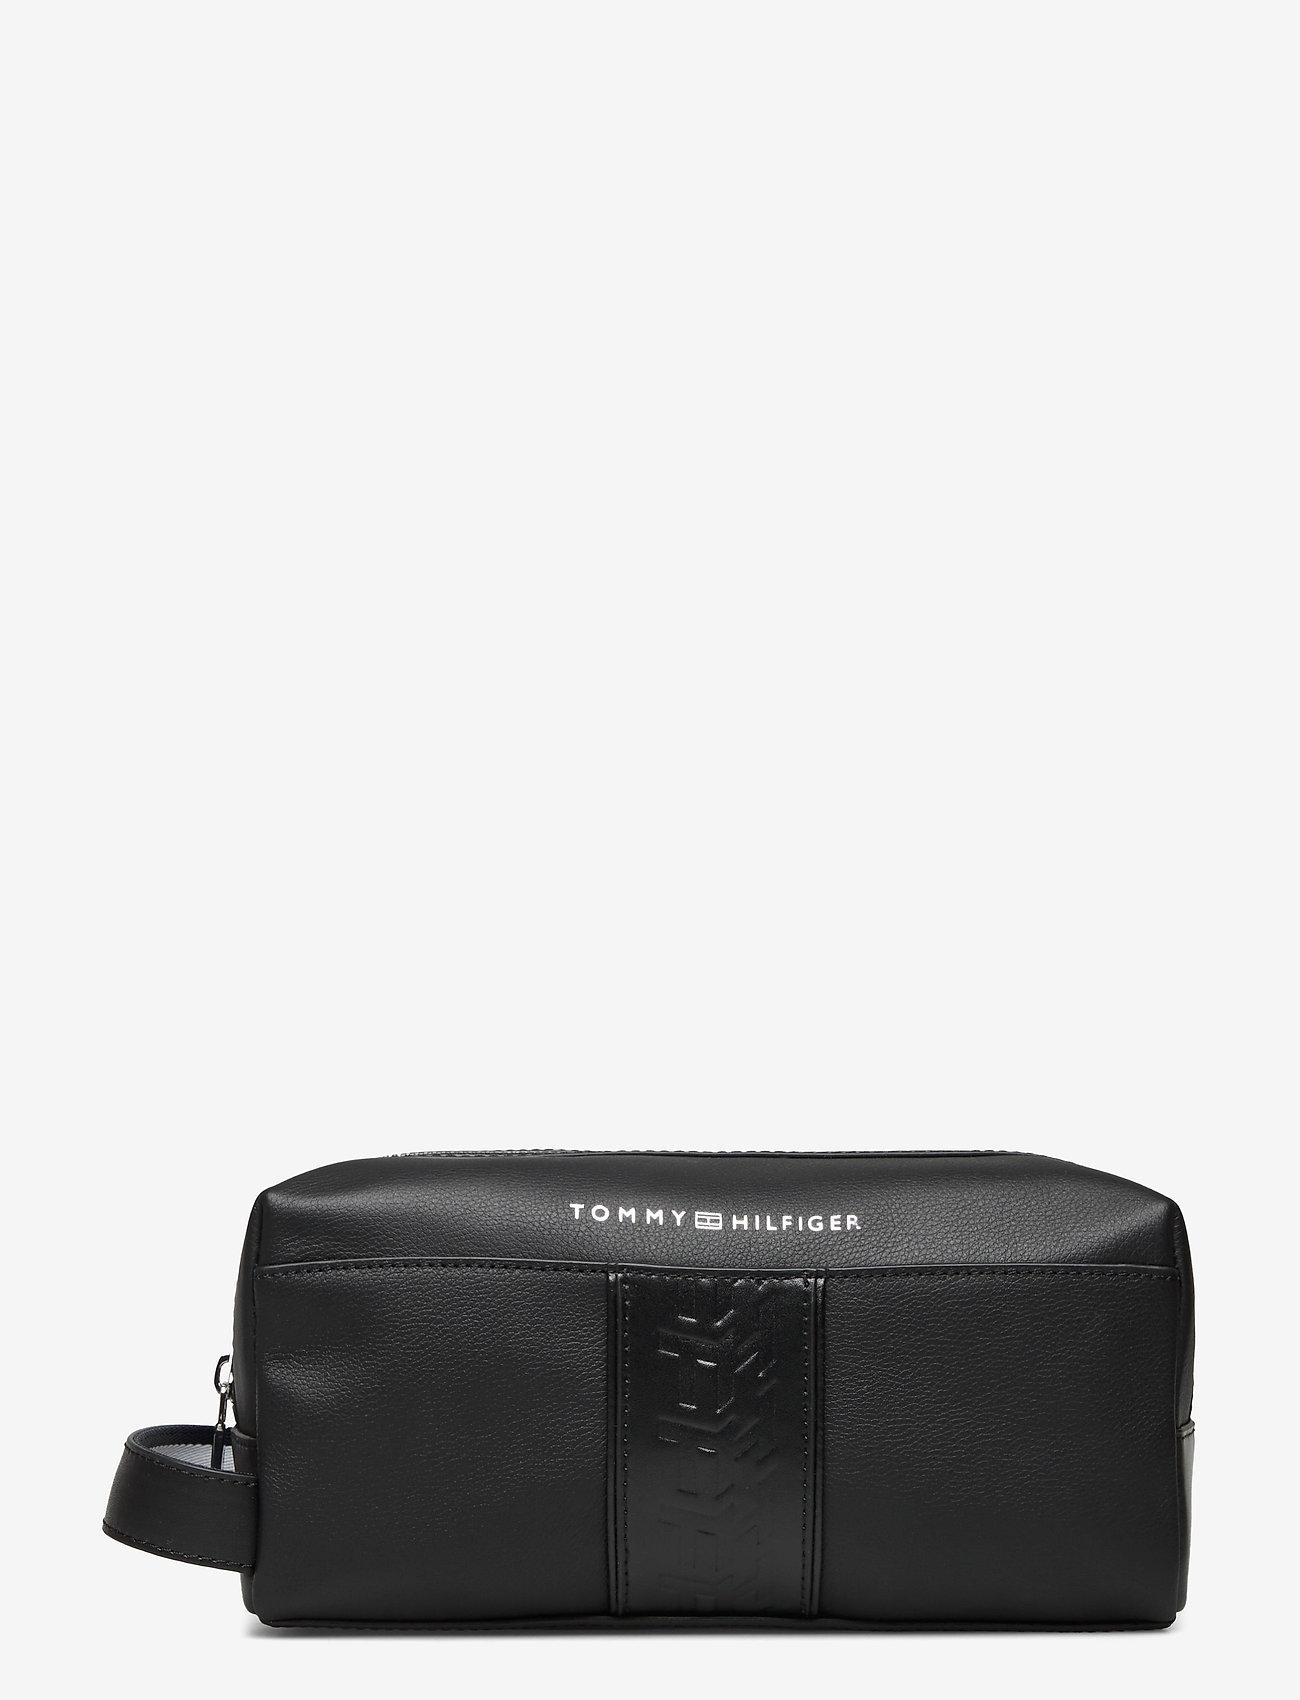 Tommy Hilfiger - LEATHER WASHBAG - bum bags - black - 0